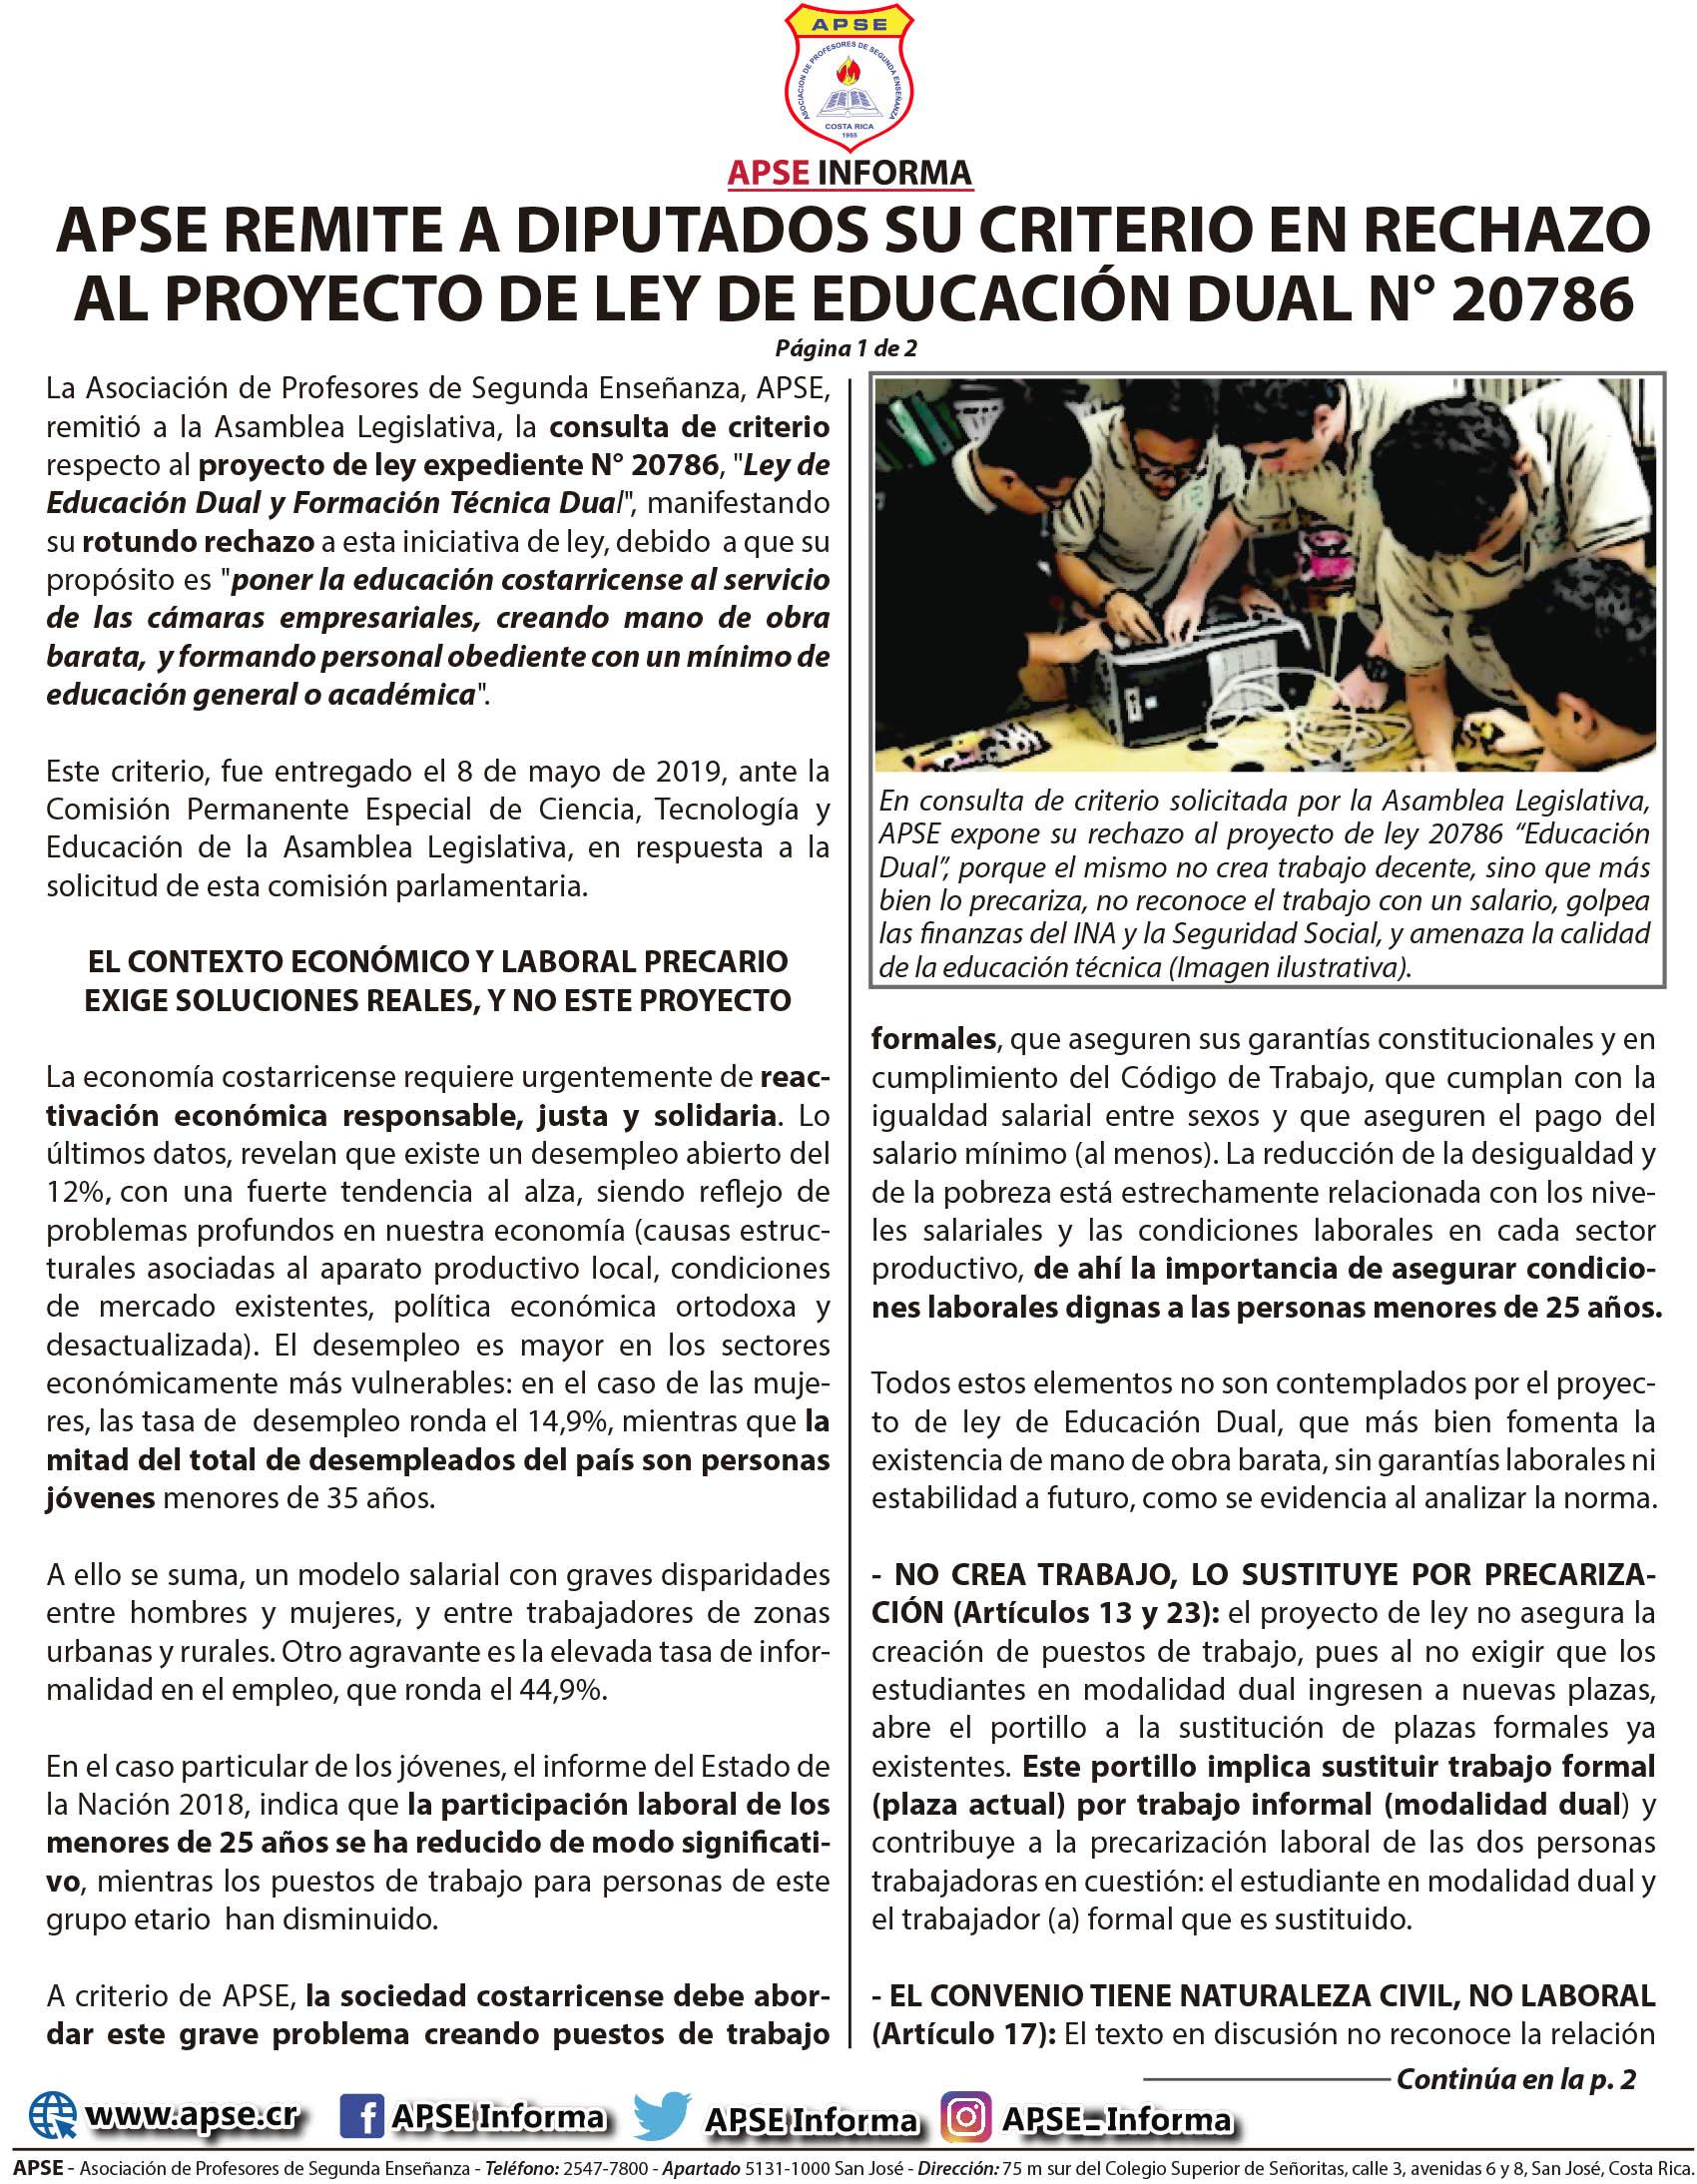 APSE REMITE A DIPUTADOS SU CRITERIO EN RECHAZO  AL PROYECTO DE LEY DE EDUCACIÓN DUAL N° 20786